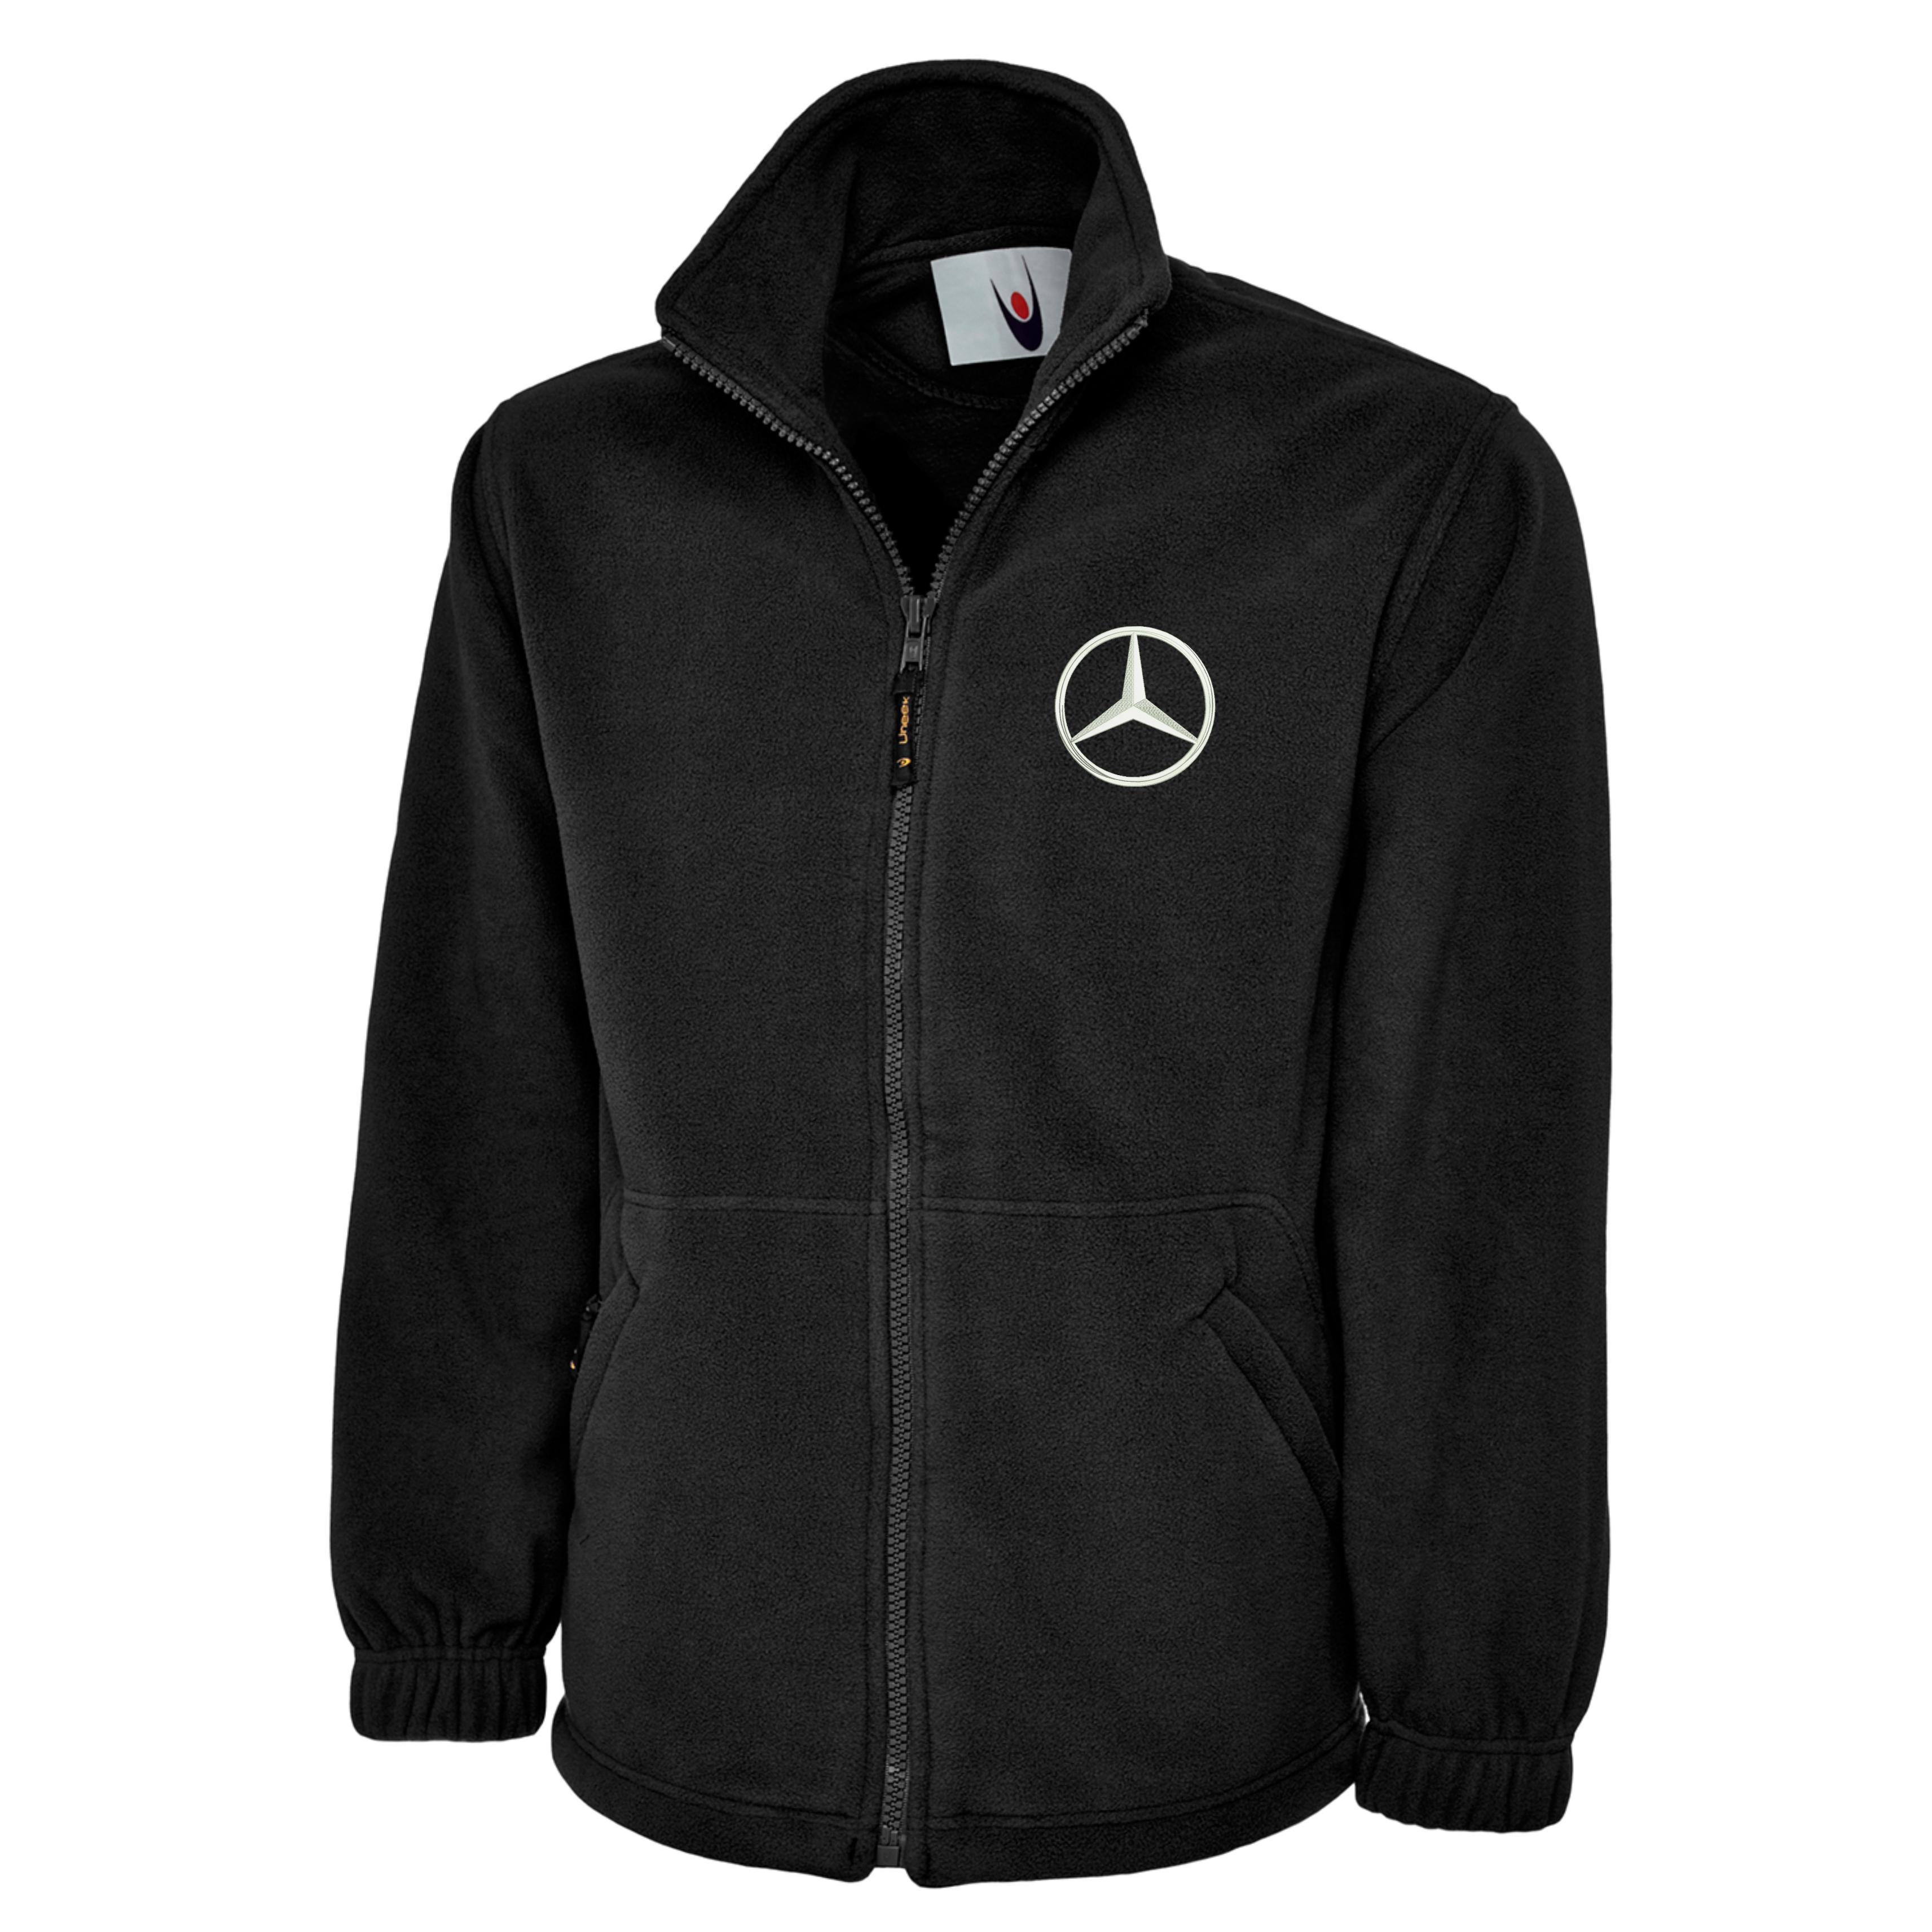 embroidered mercedes logo fleece jacket workwear uniform. Black Bedroom Furniture Sets. Home Design Ideas